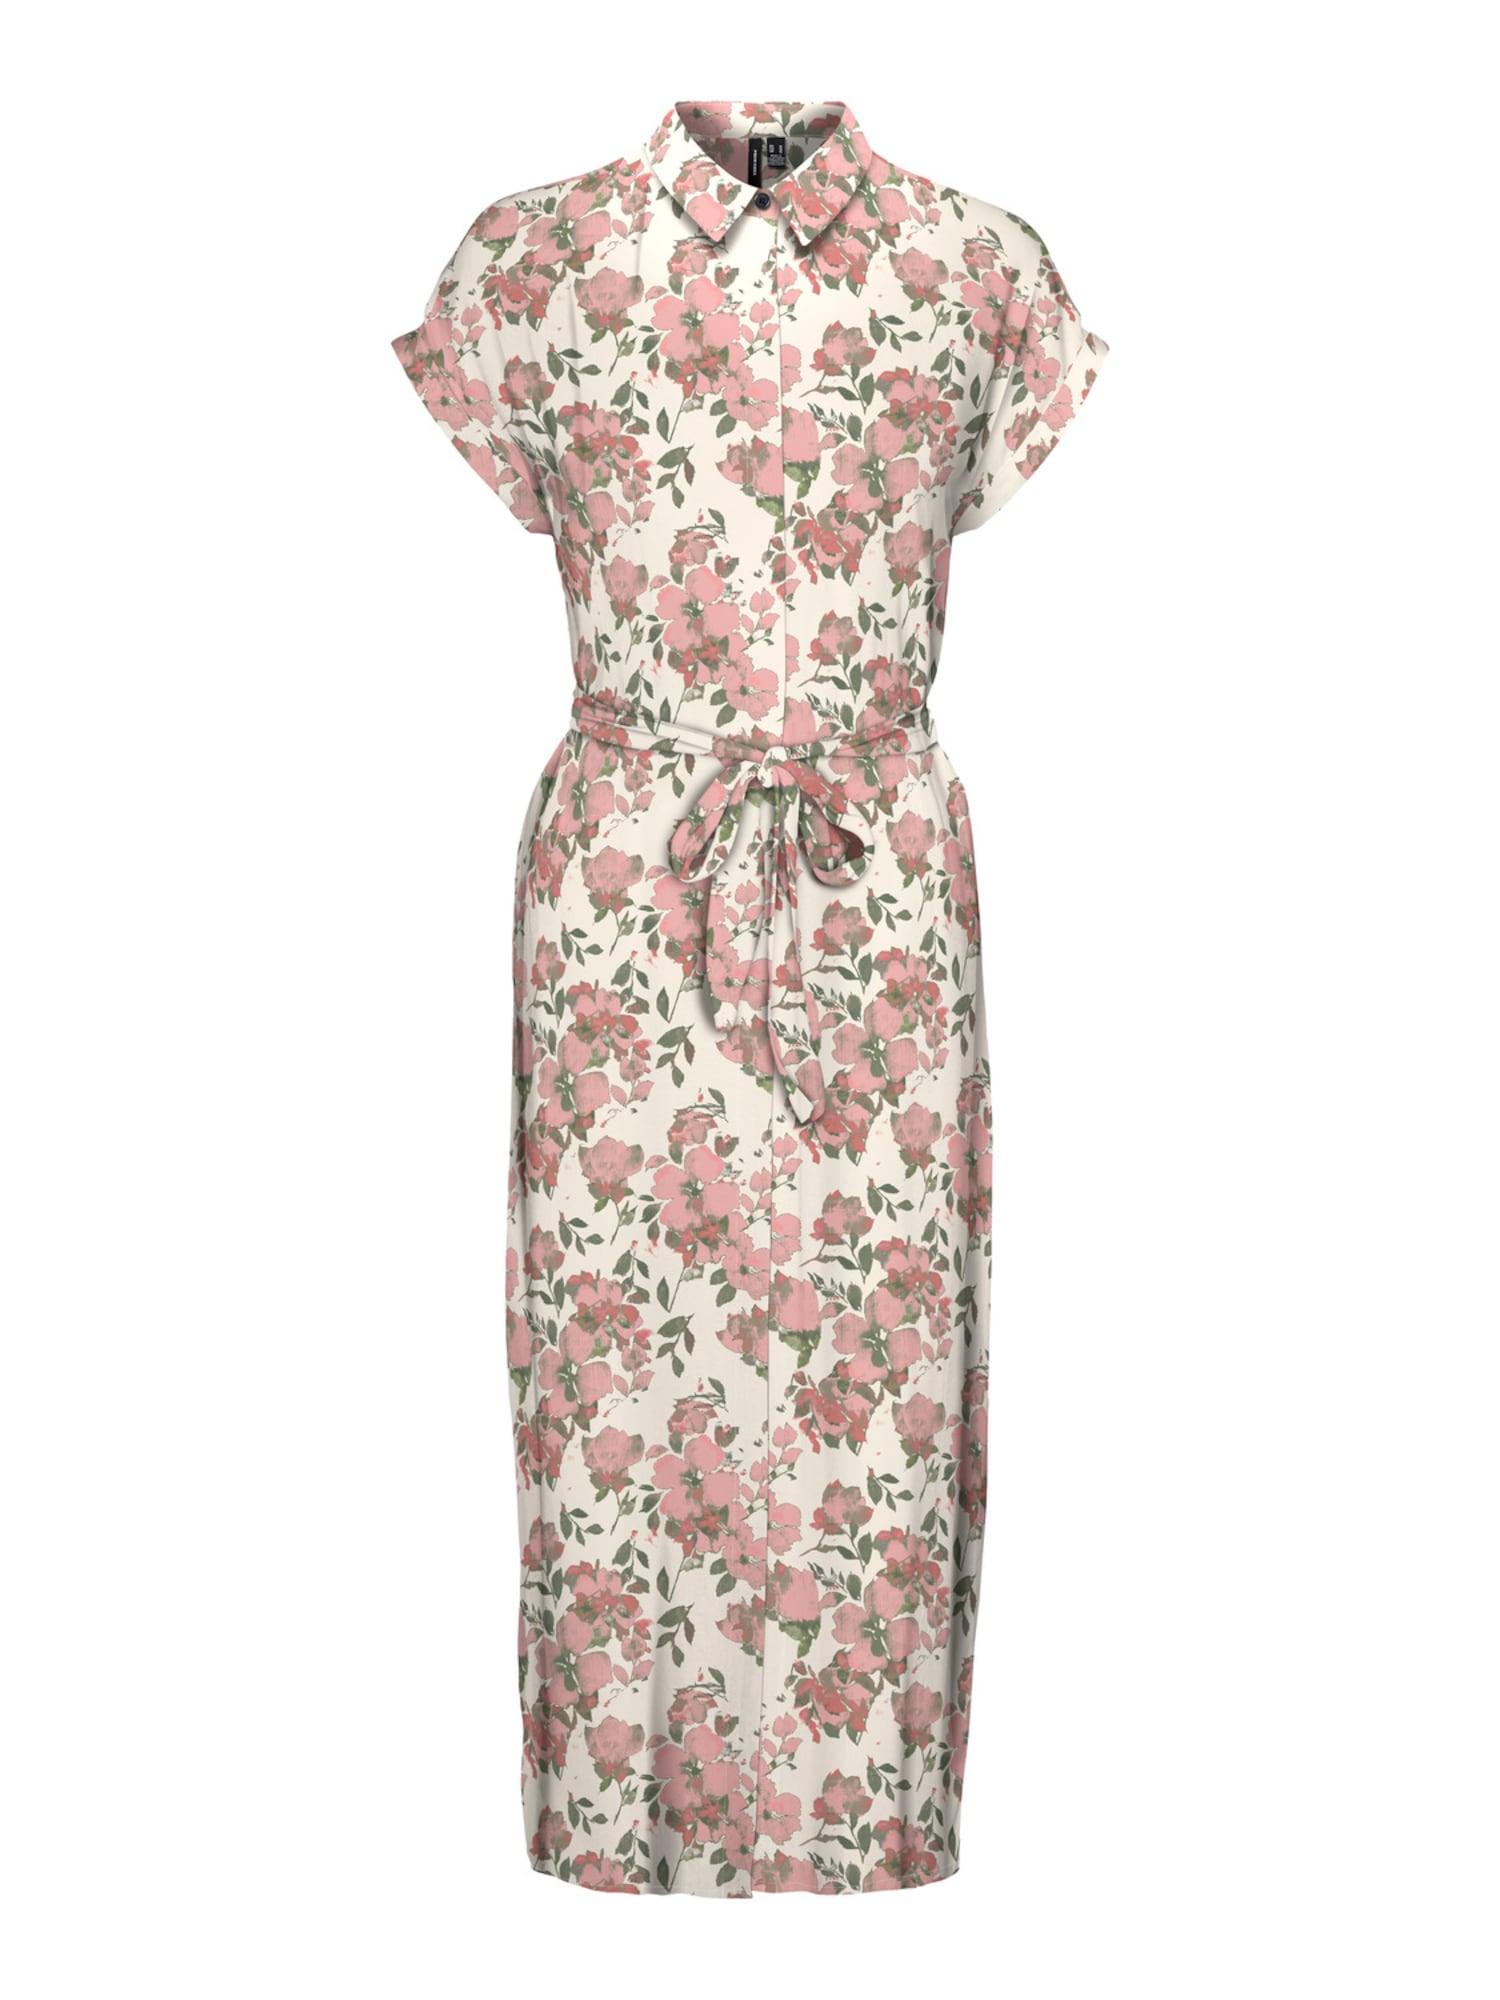 VERO MODA Košilové šaty 'Ines'  offwhite / růžová / růže / zelená